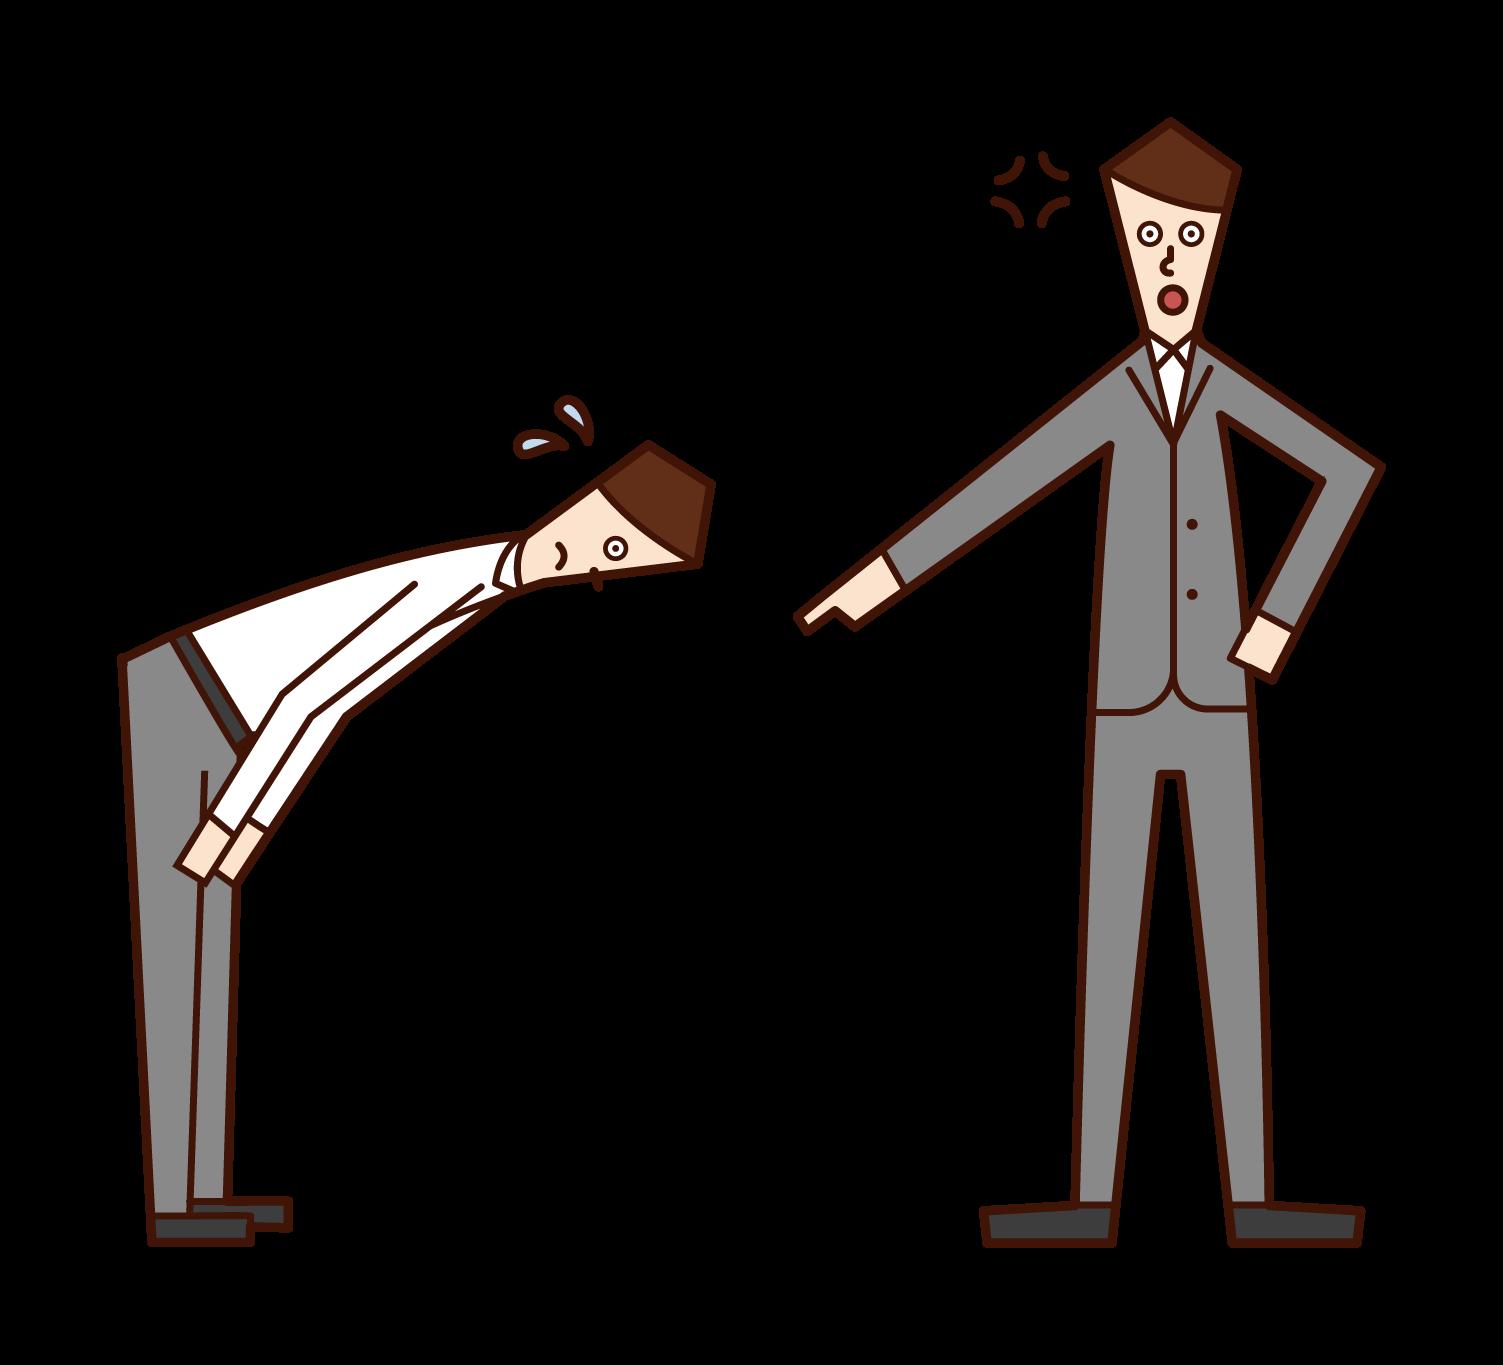 老闆(男性)對下屬生氣的插圖